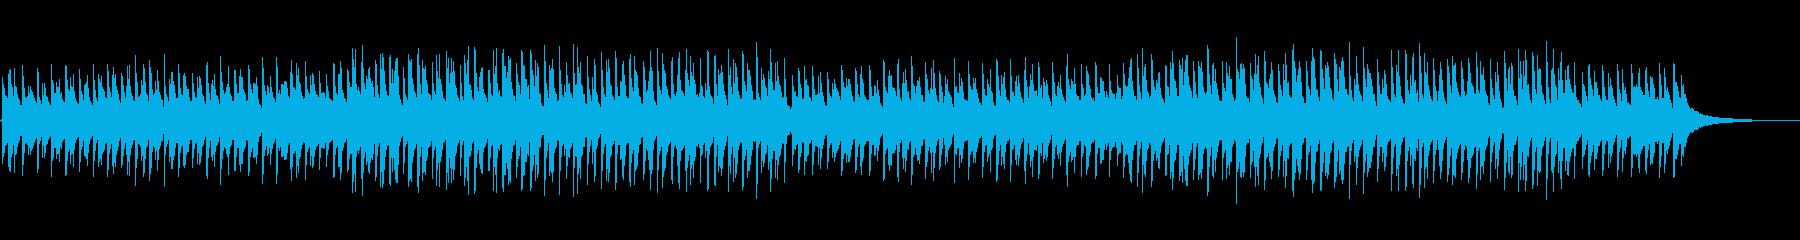 【ドラム無】ほのぼのしたアコースティックの再生済みの波形